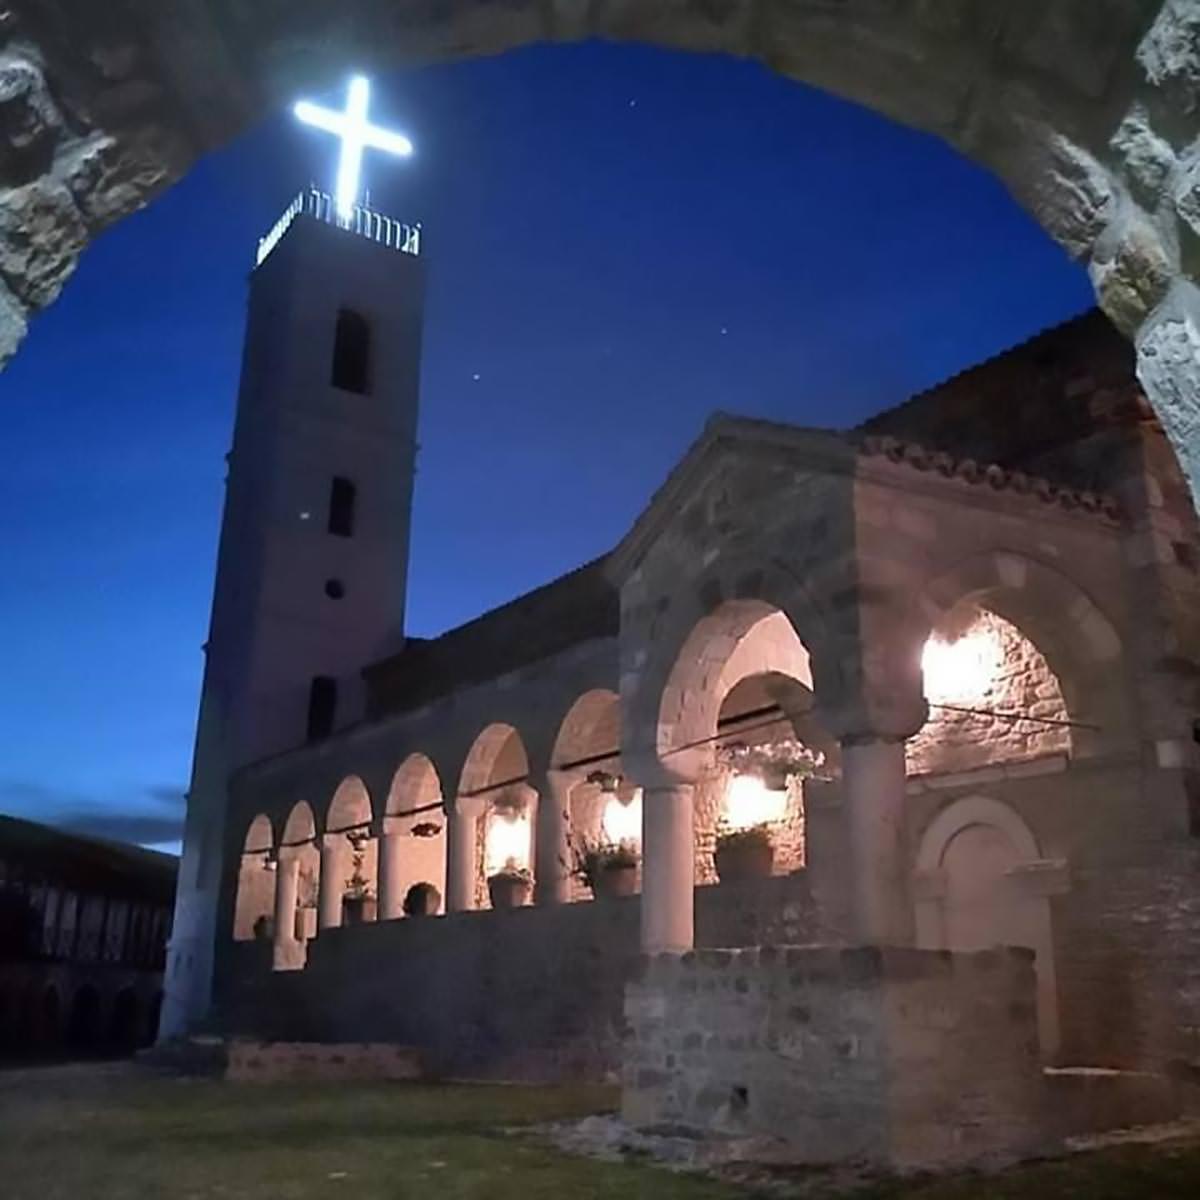 εκκλησία νύχτα